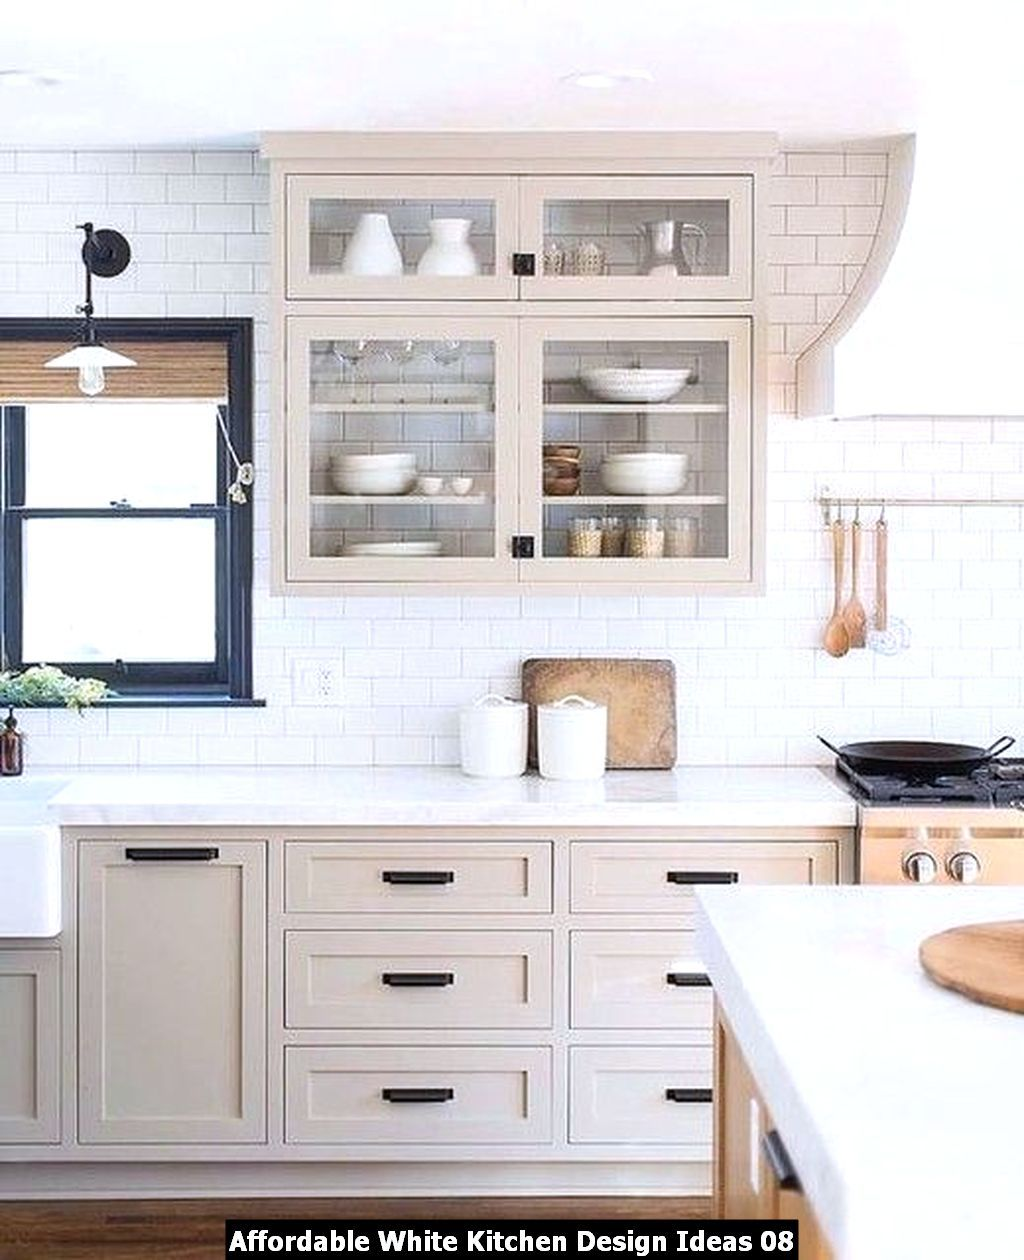 Affordable White Kitchen Design Ideas Kitchen Design New Kitchen Cabinets Home Decor Kitchen